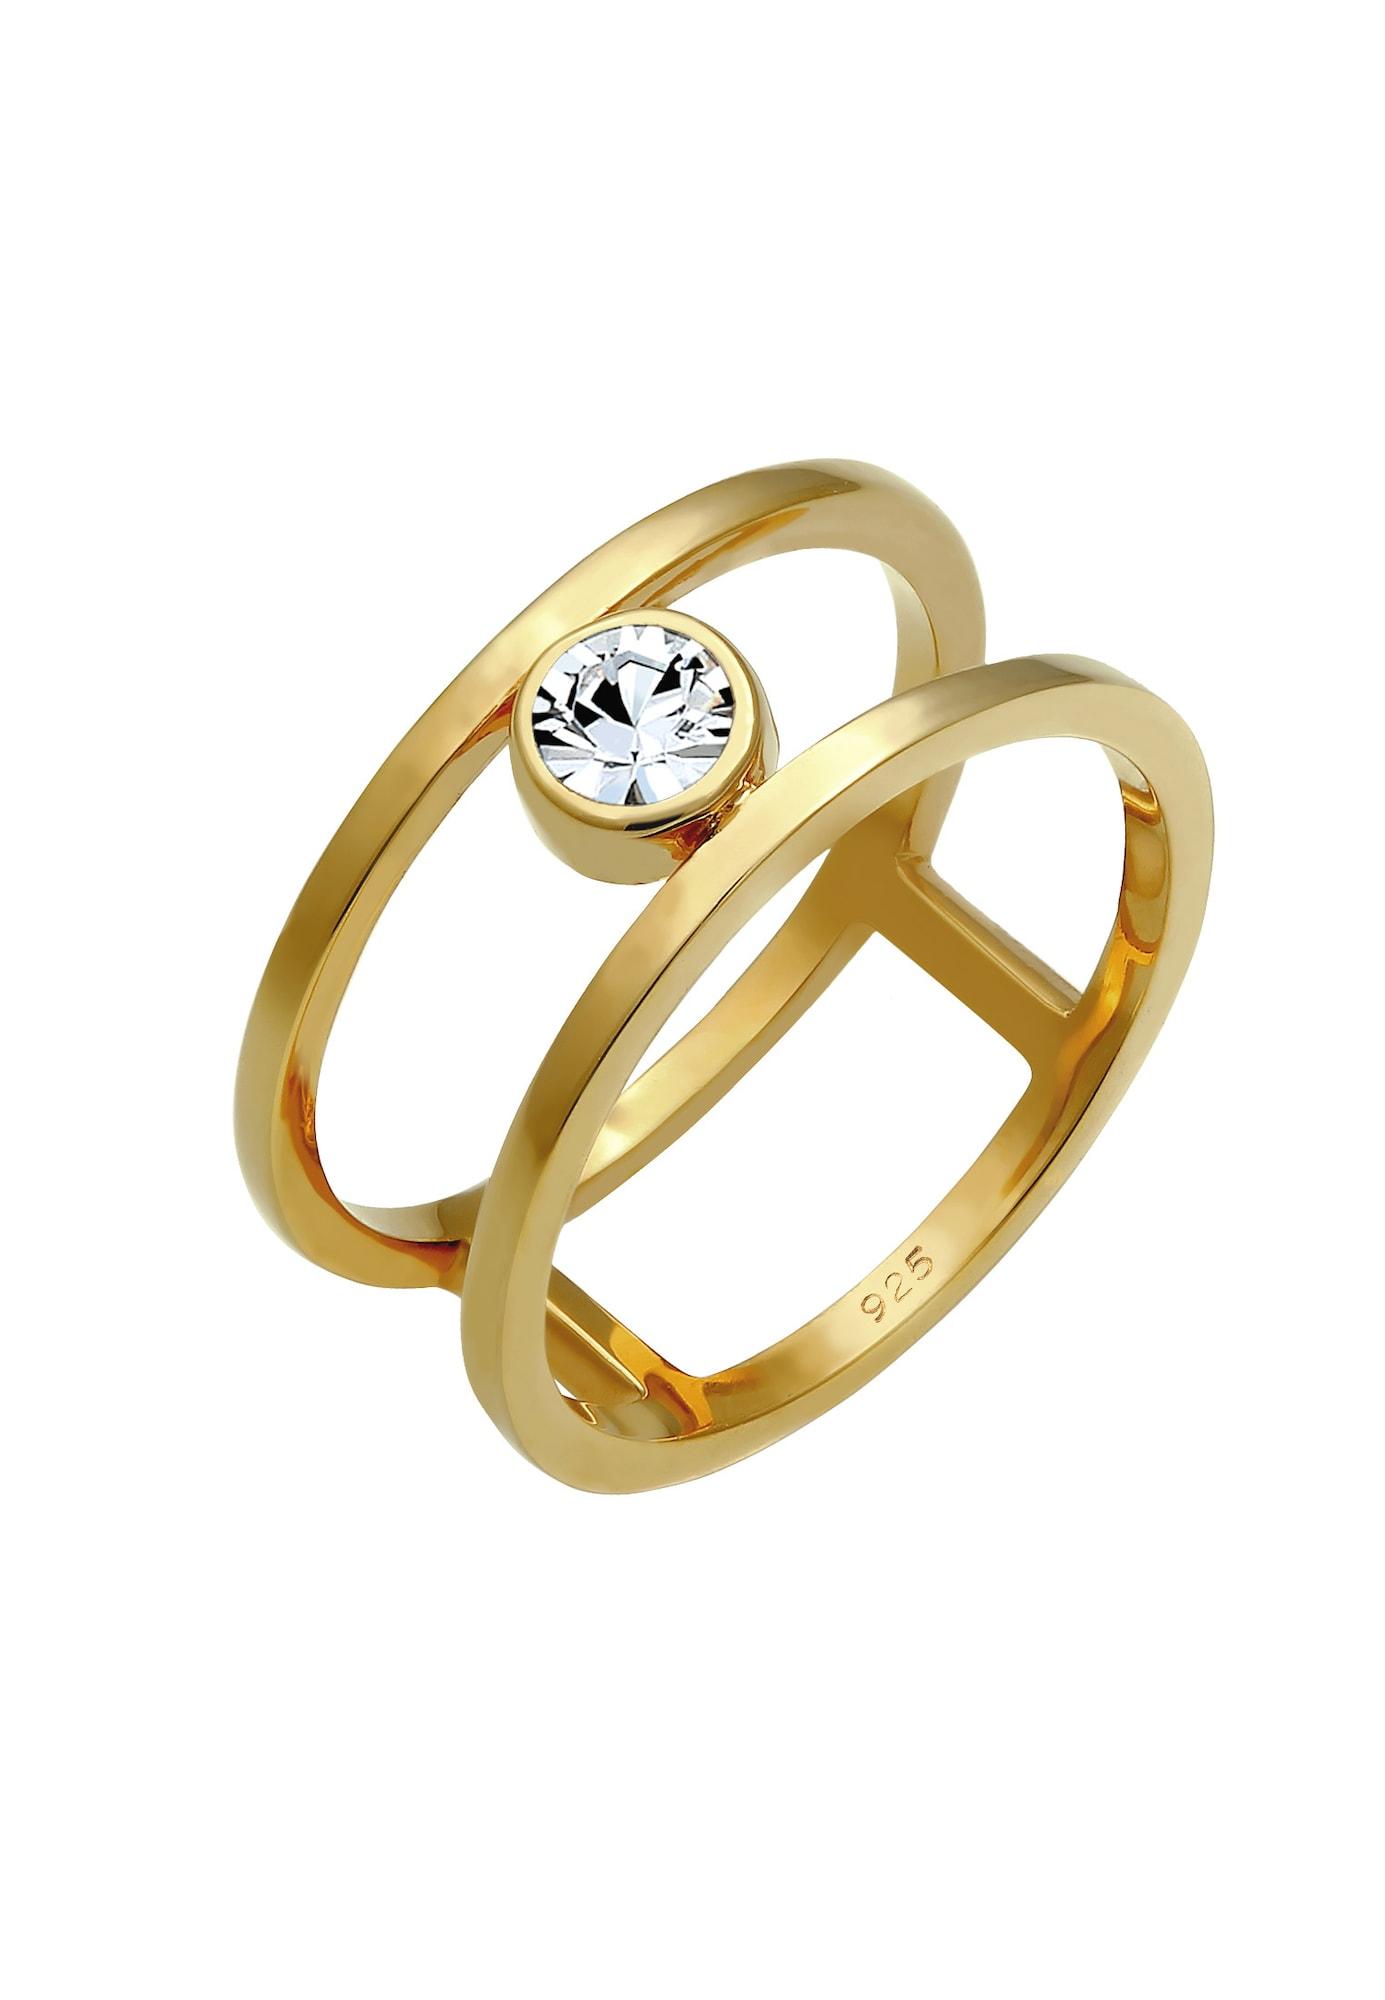 Ring Kristall Ring, Solitär-Ring | Schmuck > Ringe > Solitär Ringe | ELLI PREMIUM